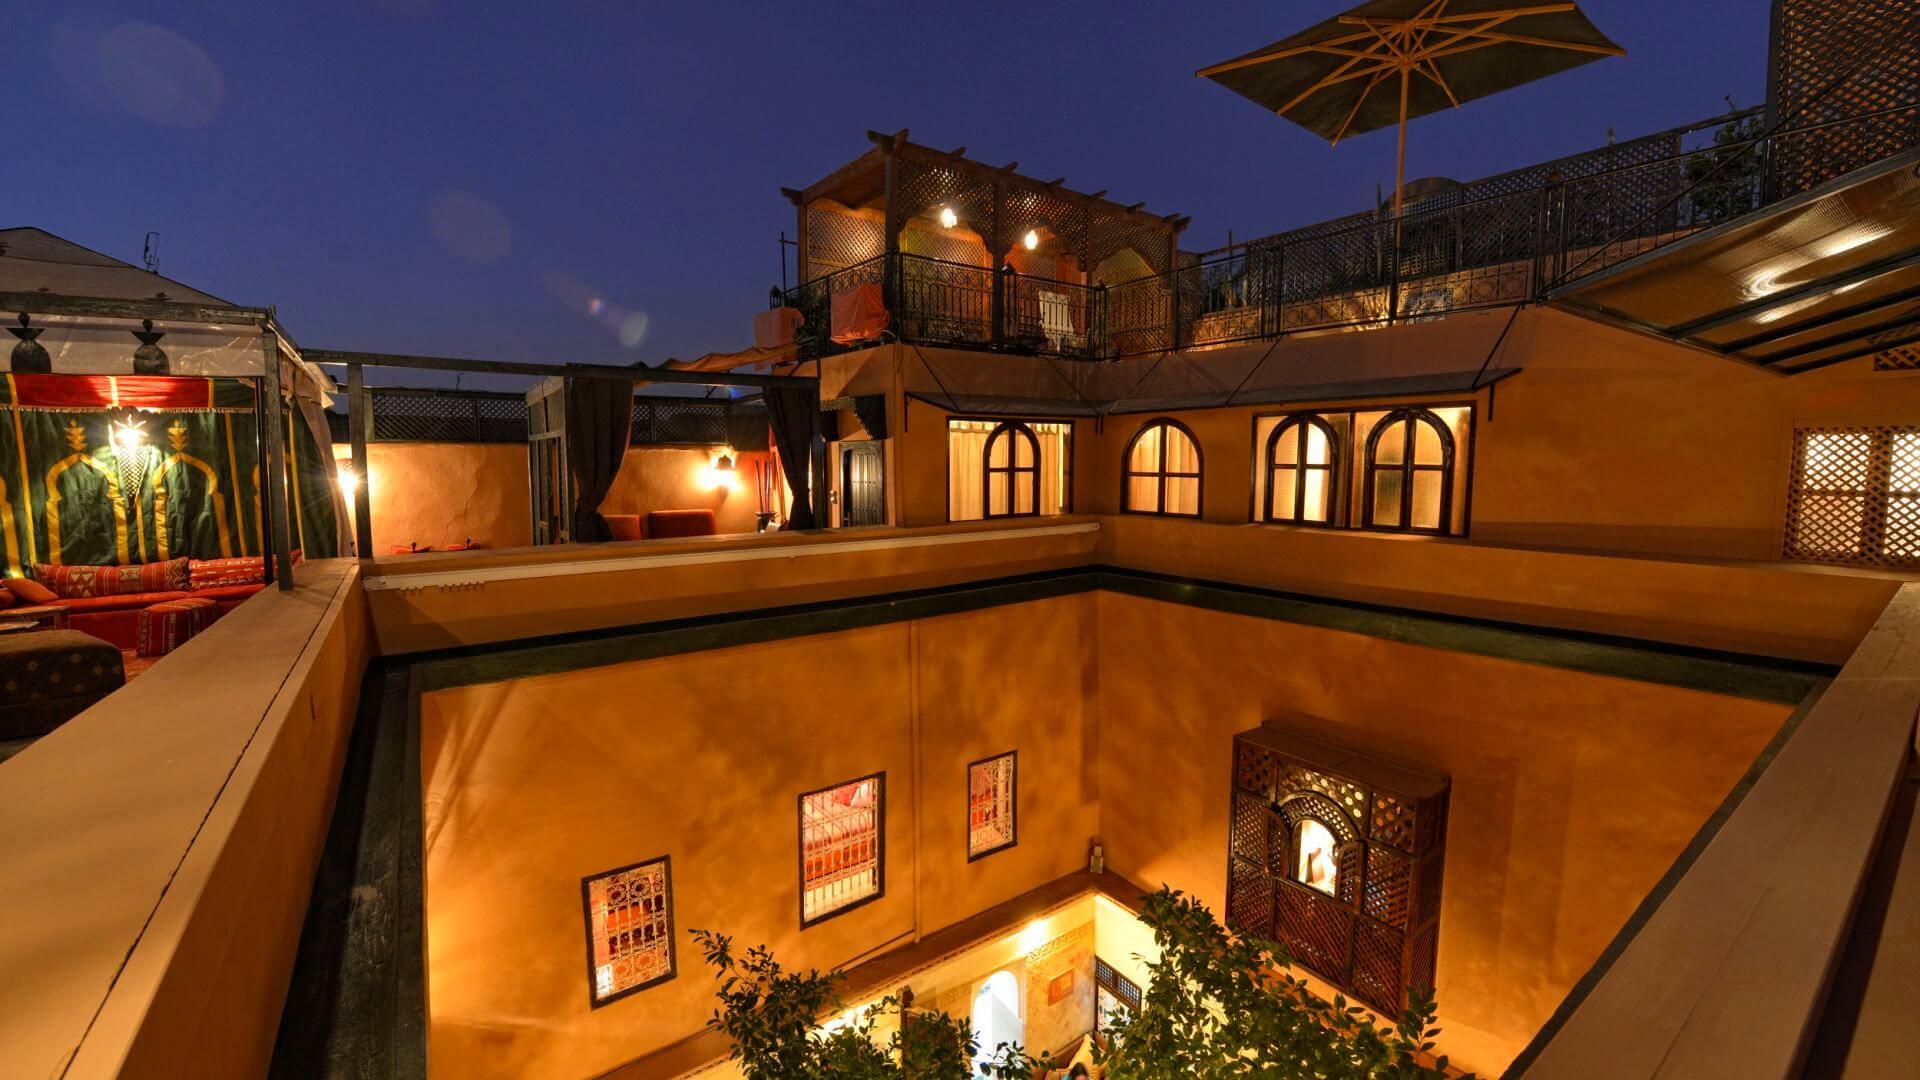 Dachterrasse mit Berberzelt in einem Riad Marrakesch